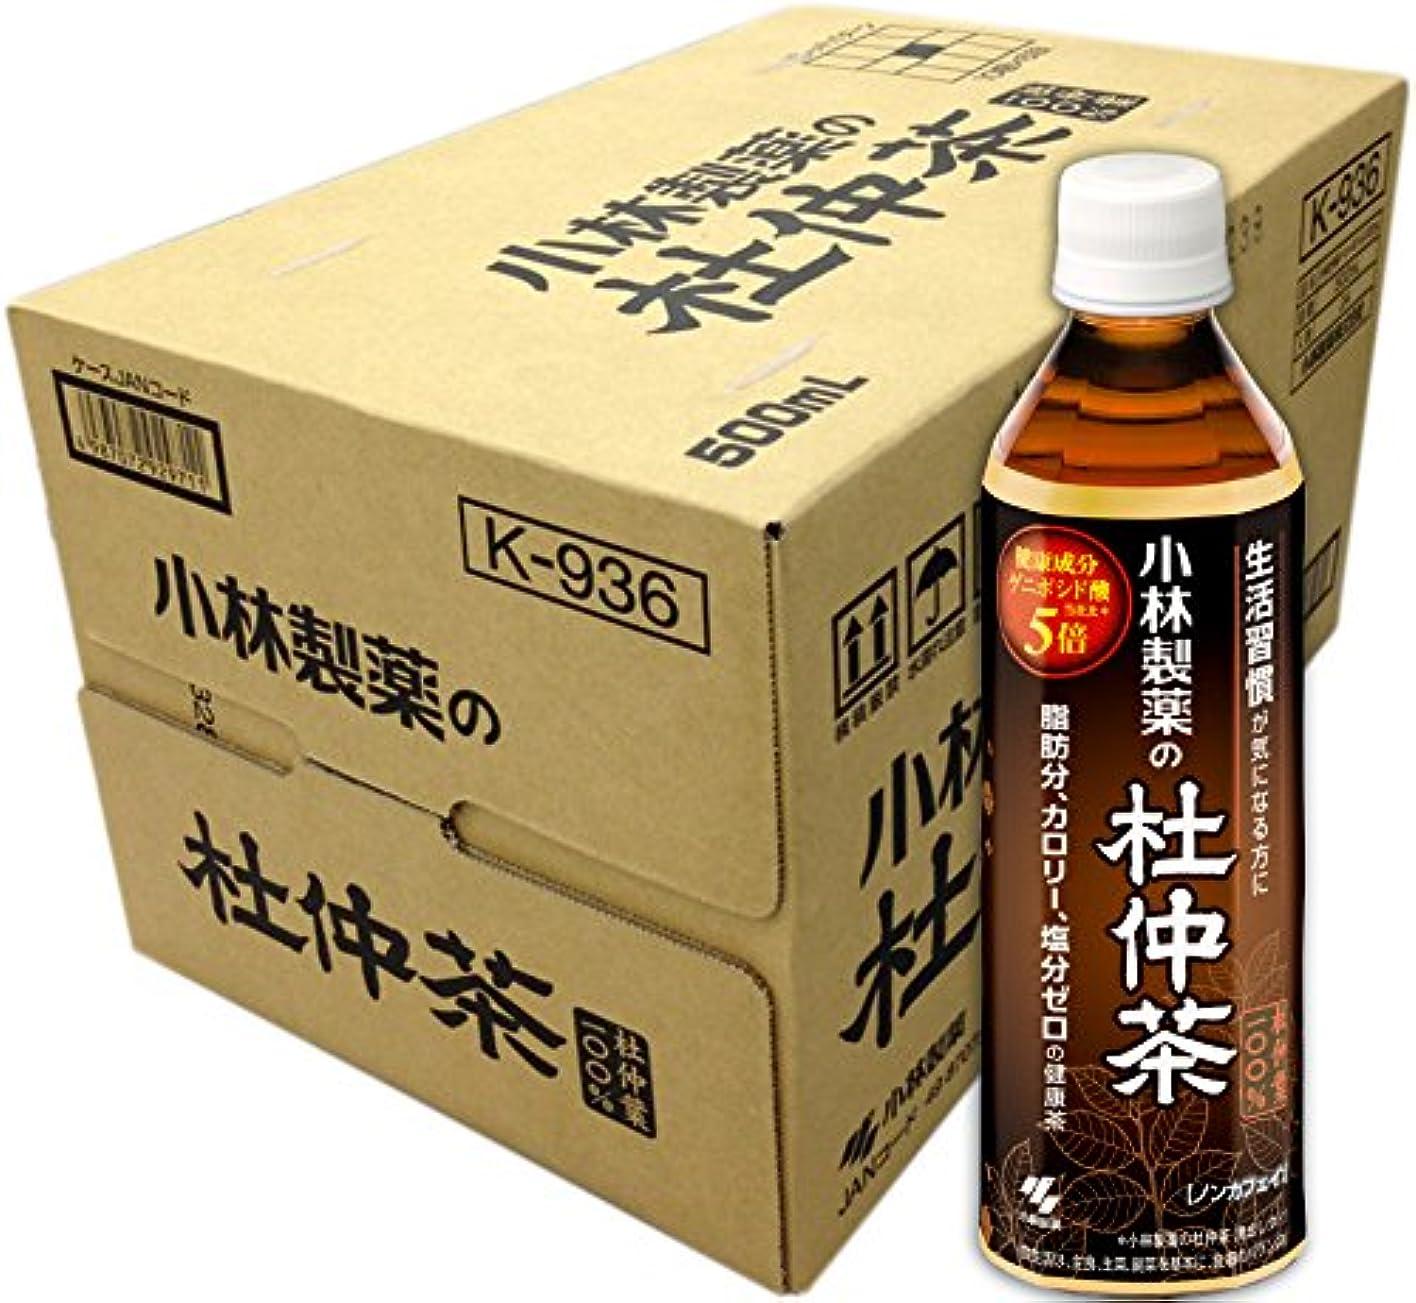 関連する服を着るプラカード【ケース販売】 小林製薬の杜仲茶 (ペットボトル) 500mL×24本